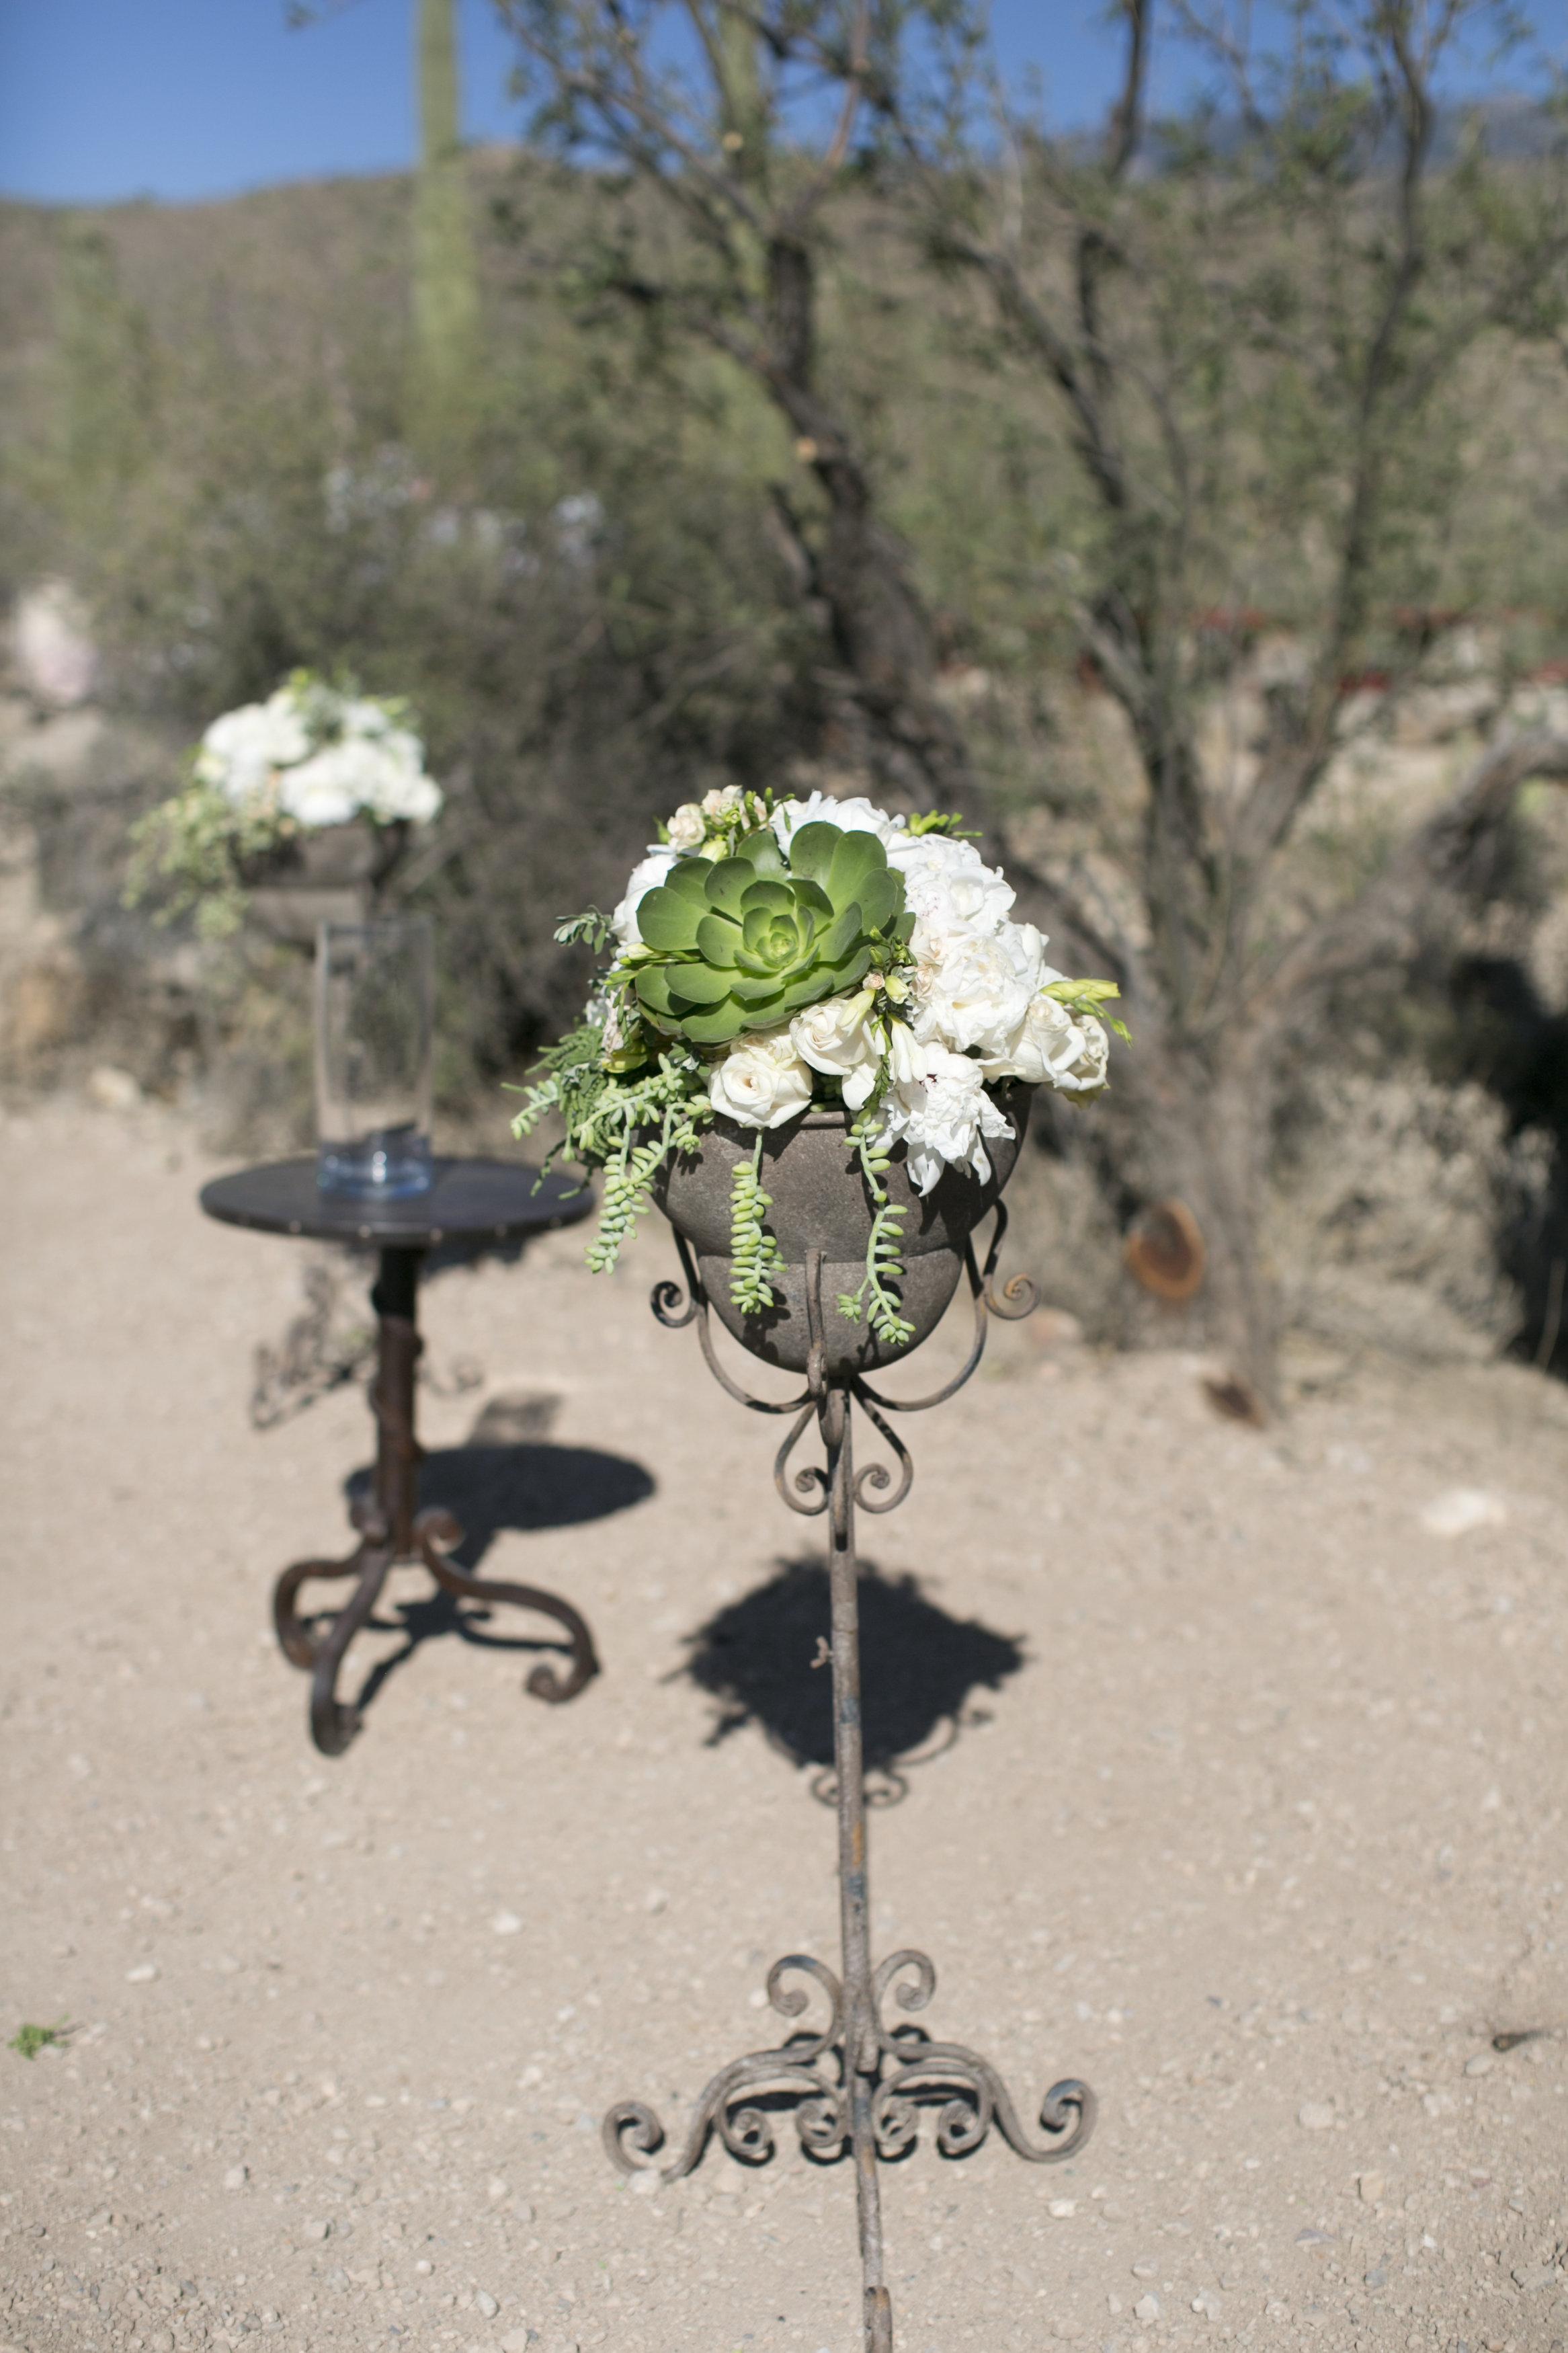 Ceci_New_York_Ceci_Style_Ceci_Johnson_Luxury_Lifestyle_Arizona_Wedding_Watercolor_Inspiration_Design_Custom_Couture_Personalized_Invitations_94.jpg